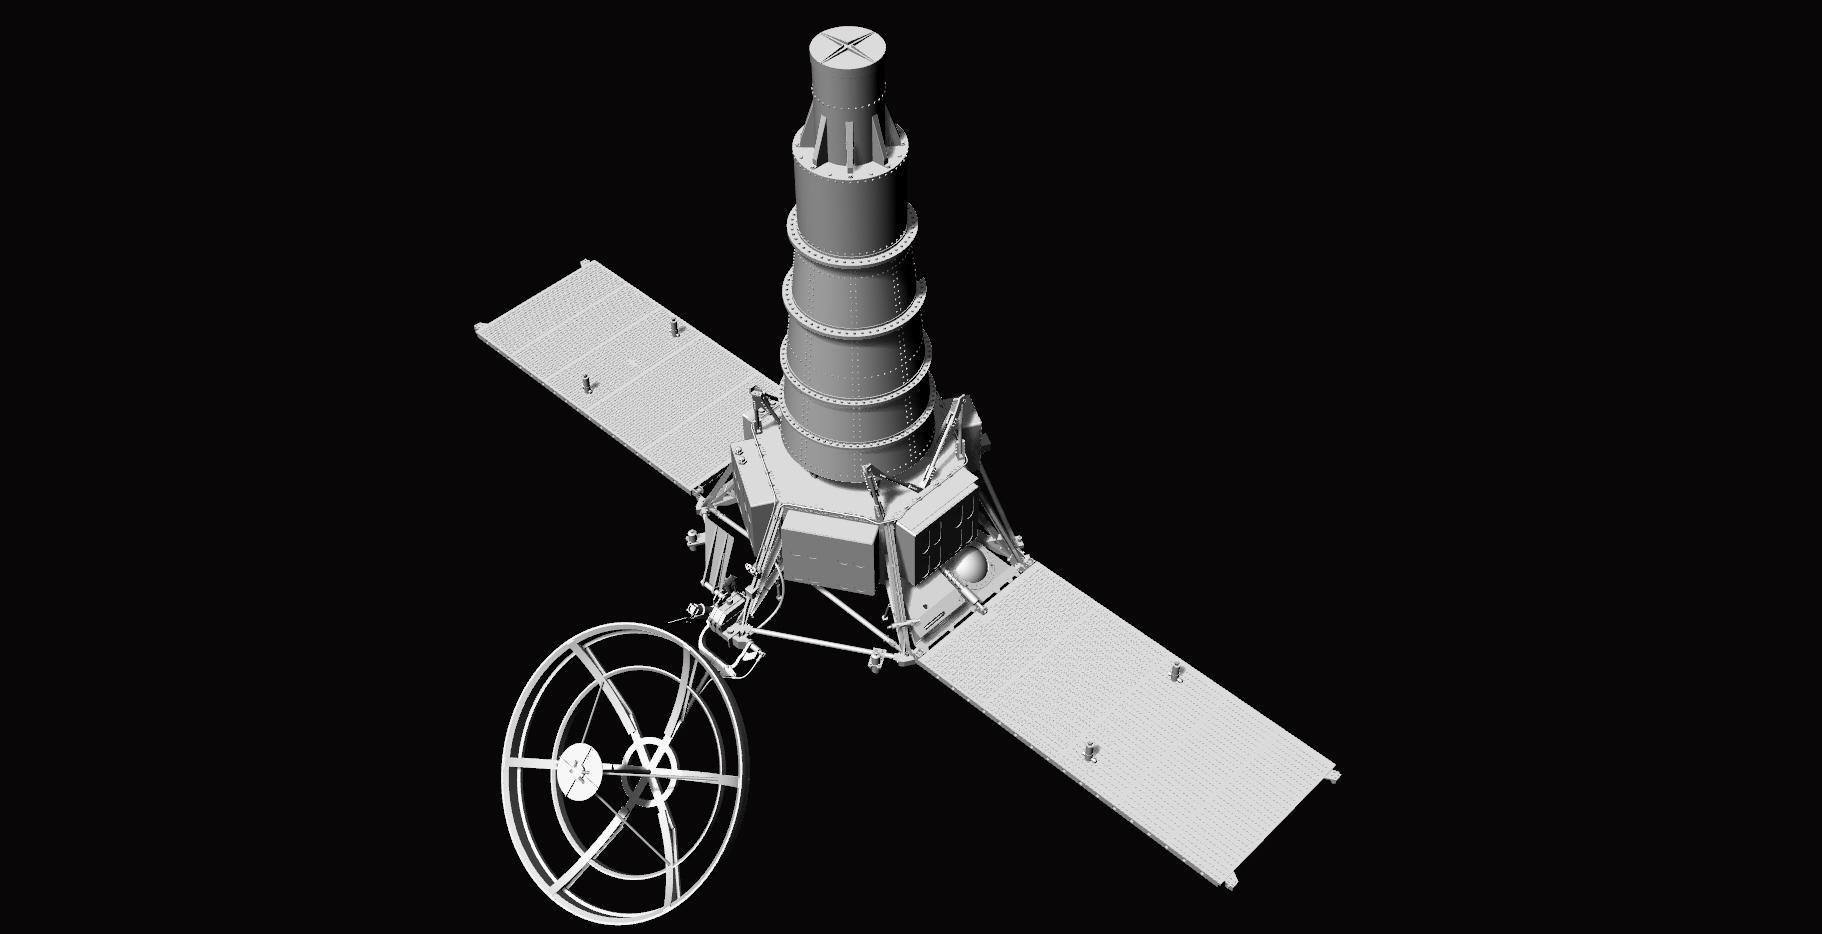 Crash-test planétaire : la sonde lunaire Ranger 8 au 1/24e 17072612435523134915170982